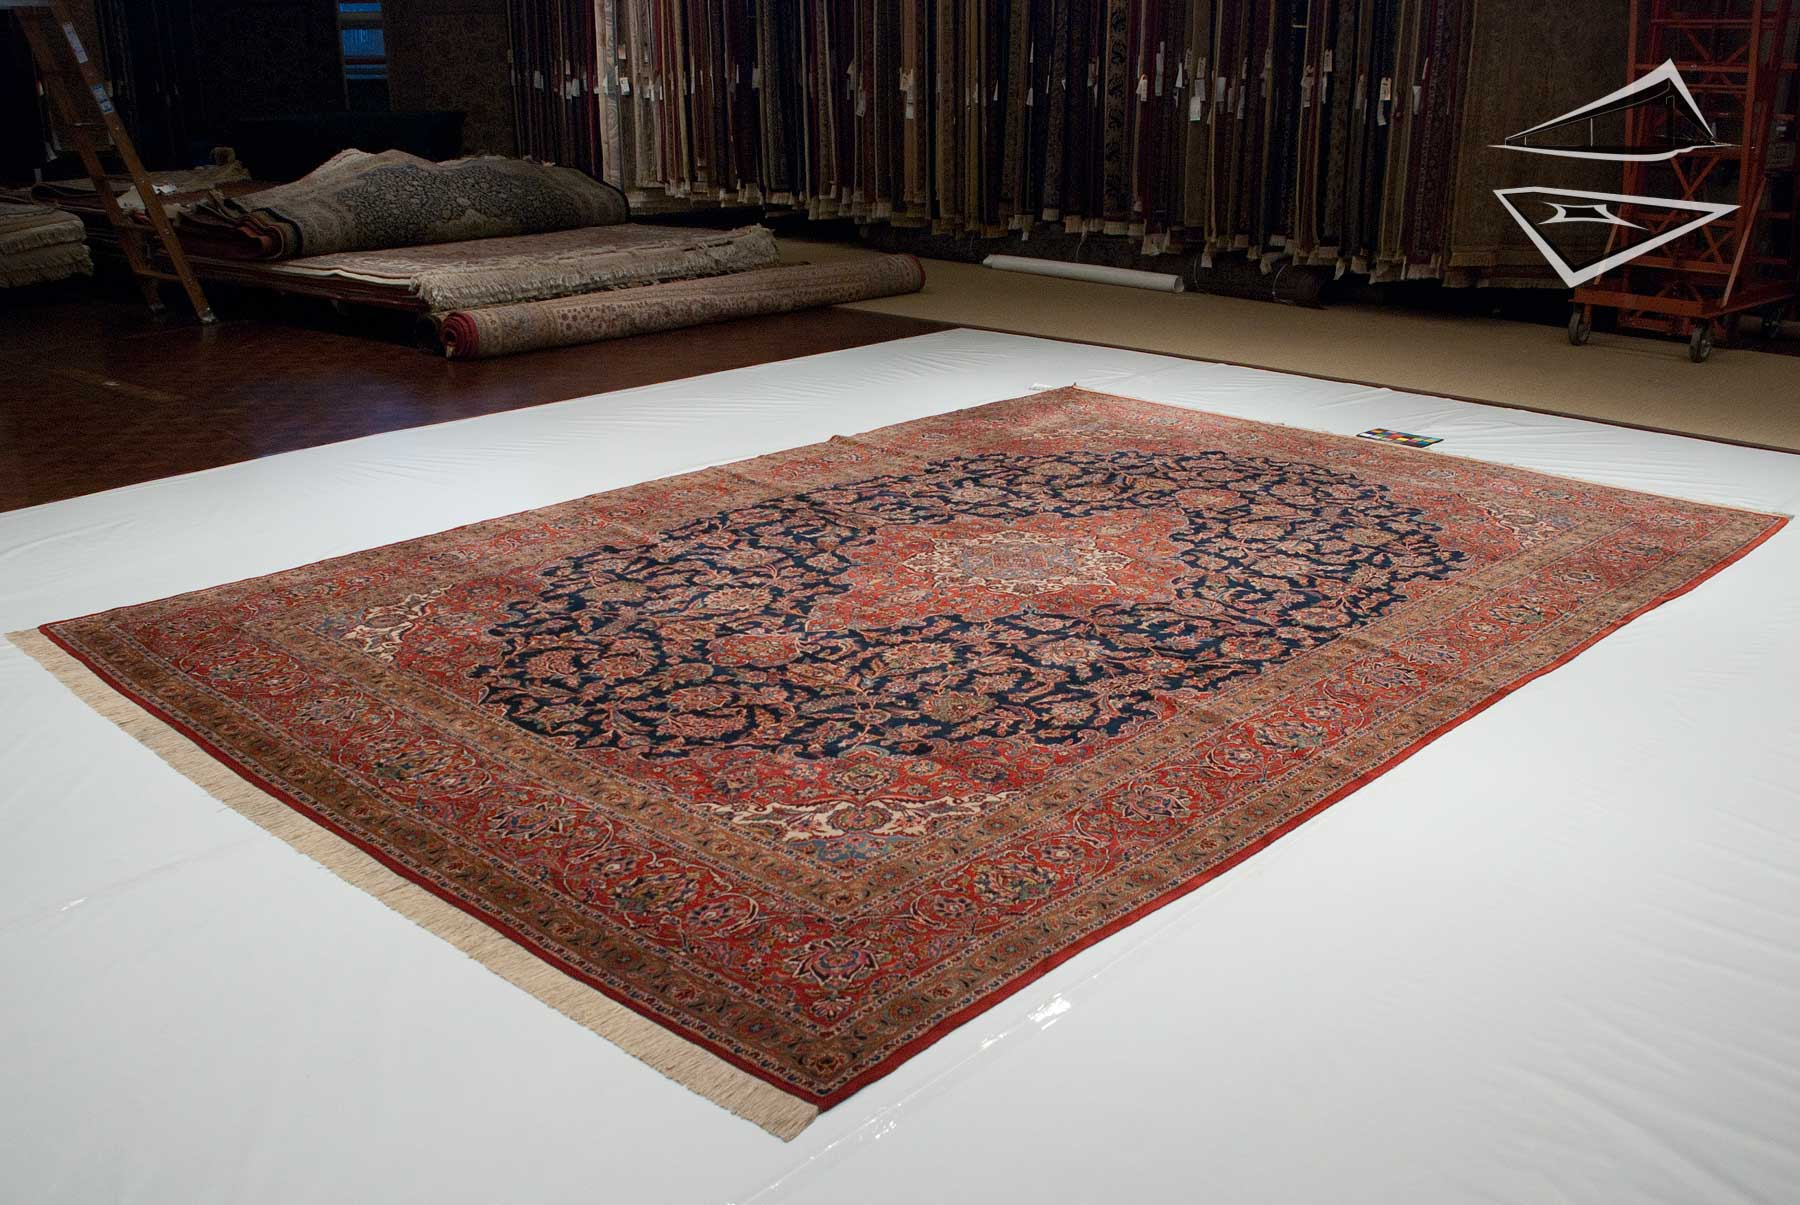 persian kashan rug 10' x 15'